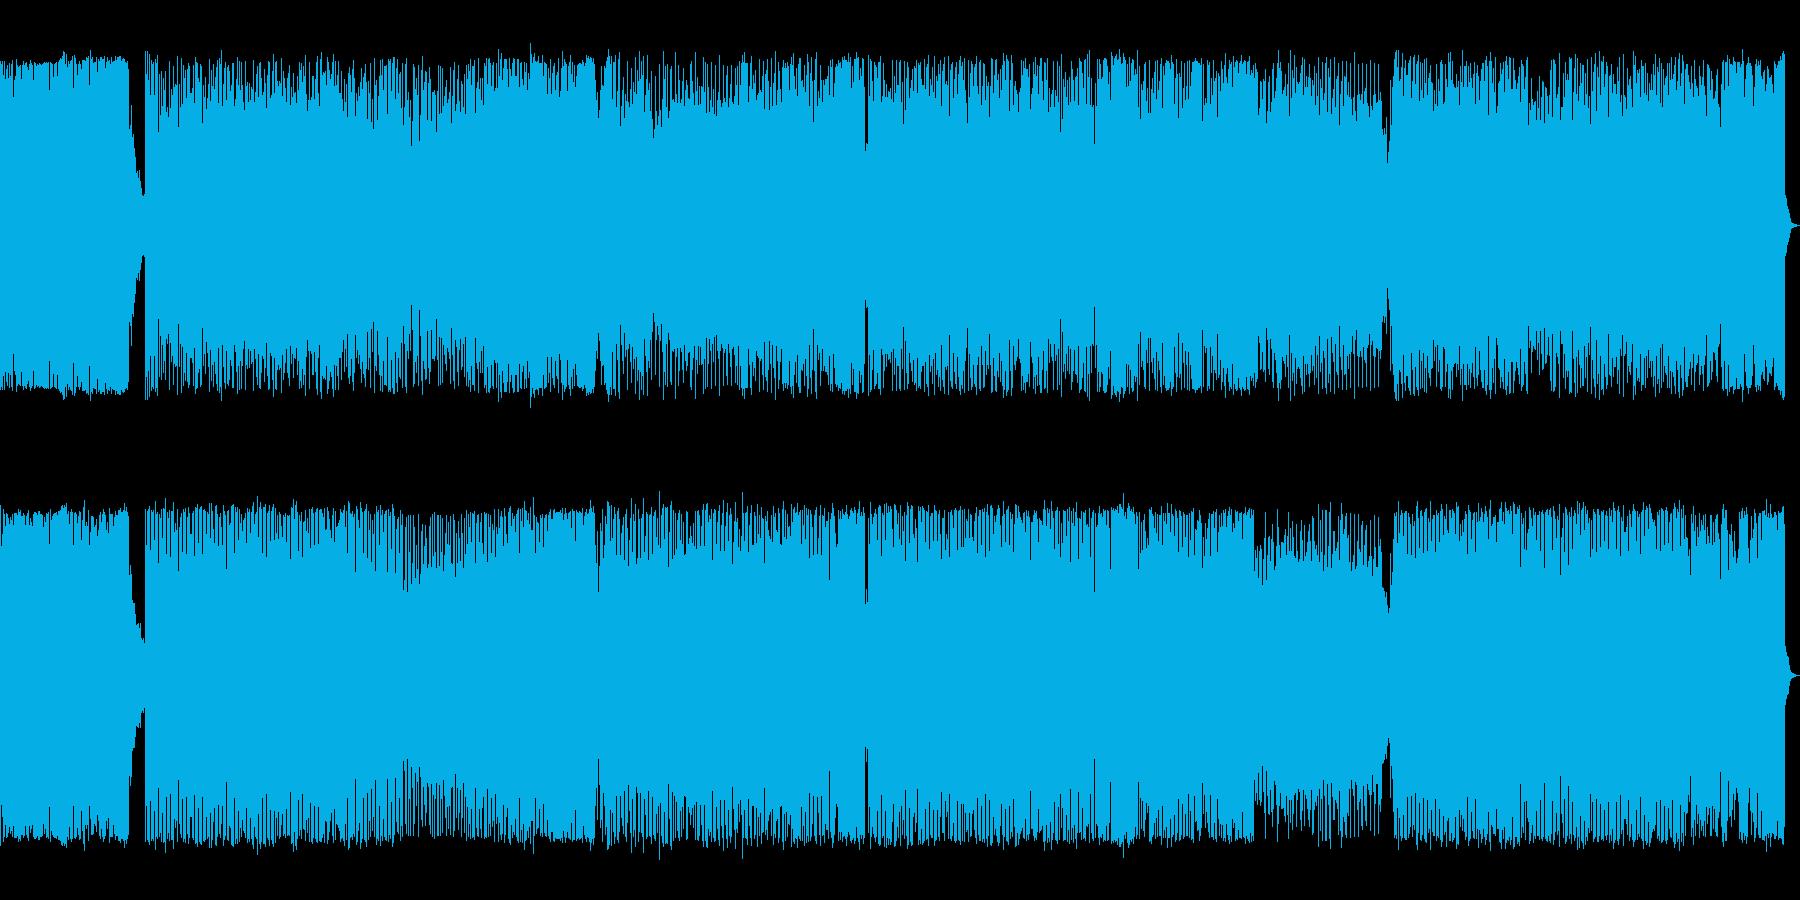 企業VPなどに最適な音楽 EDM の再生済みの波形